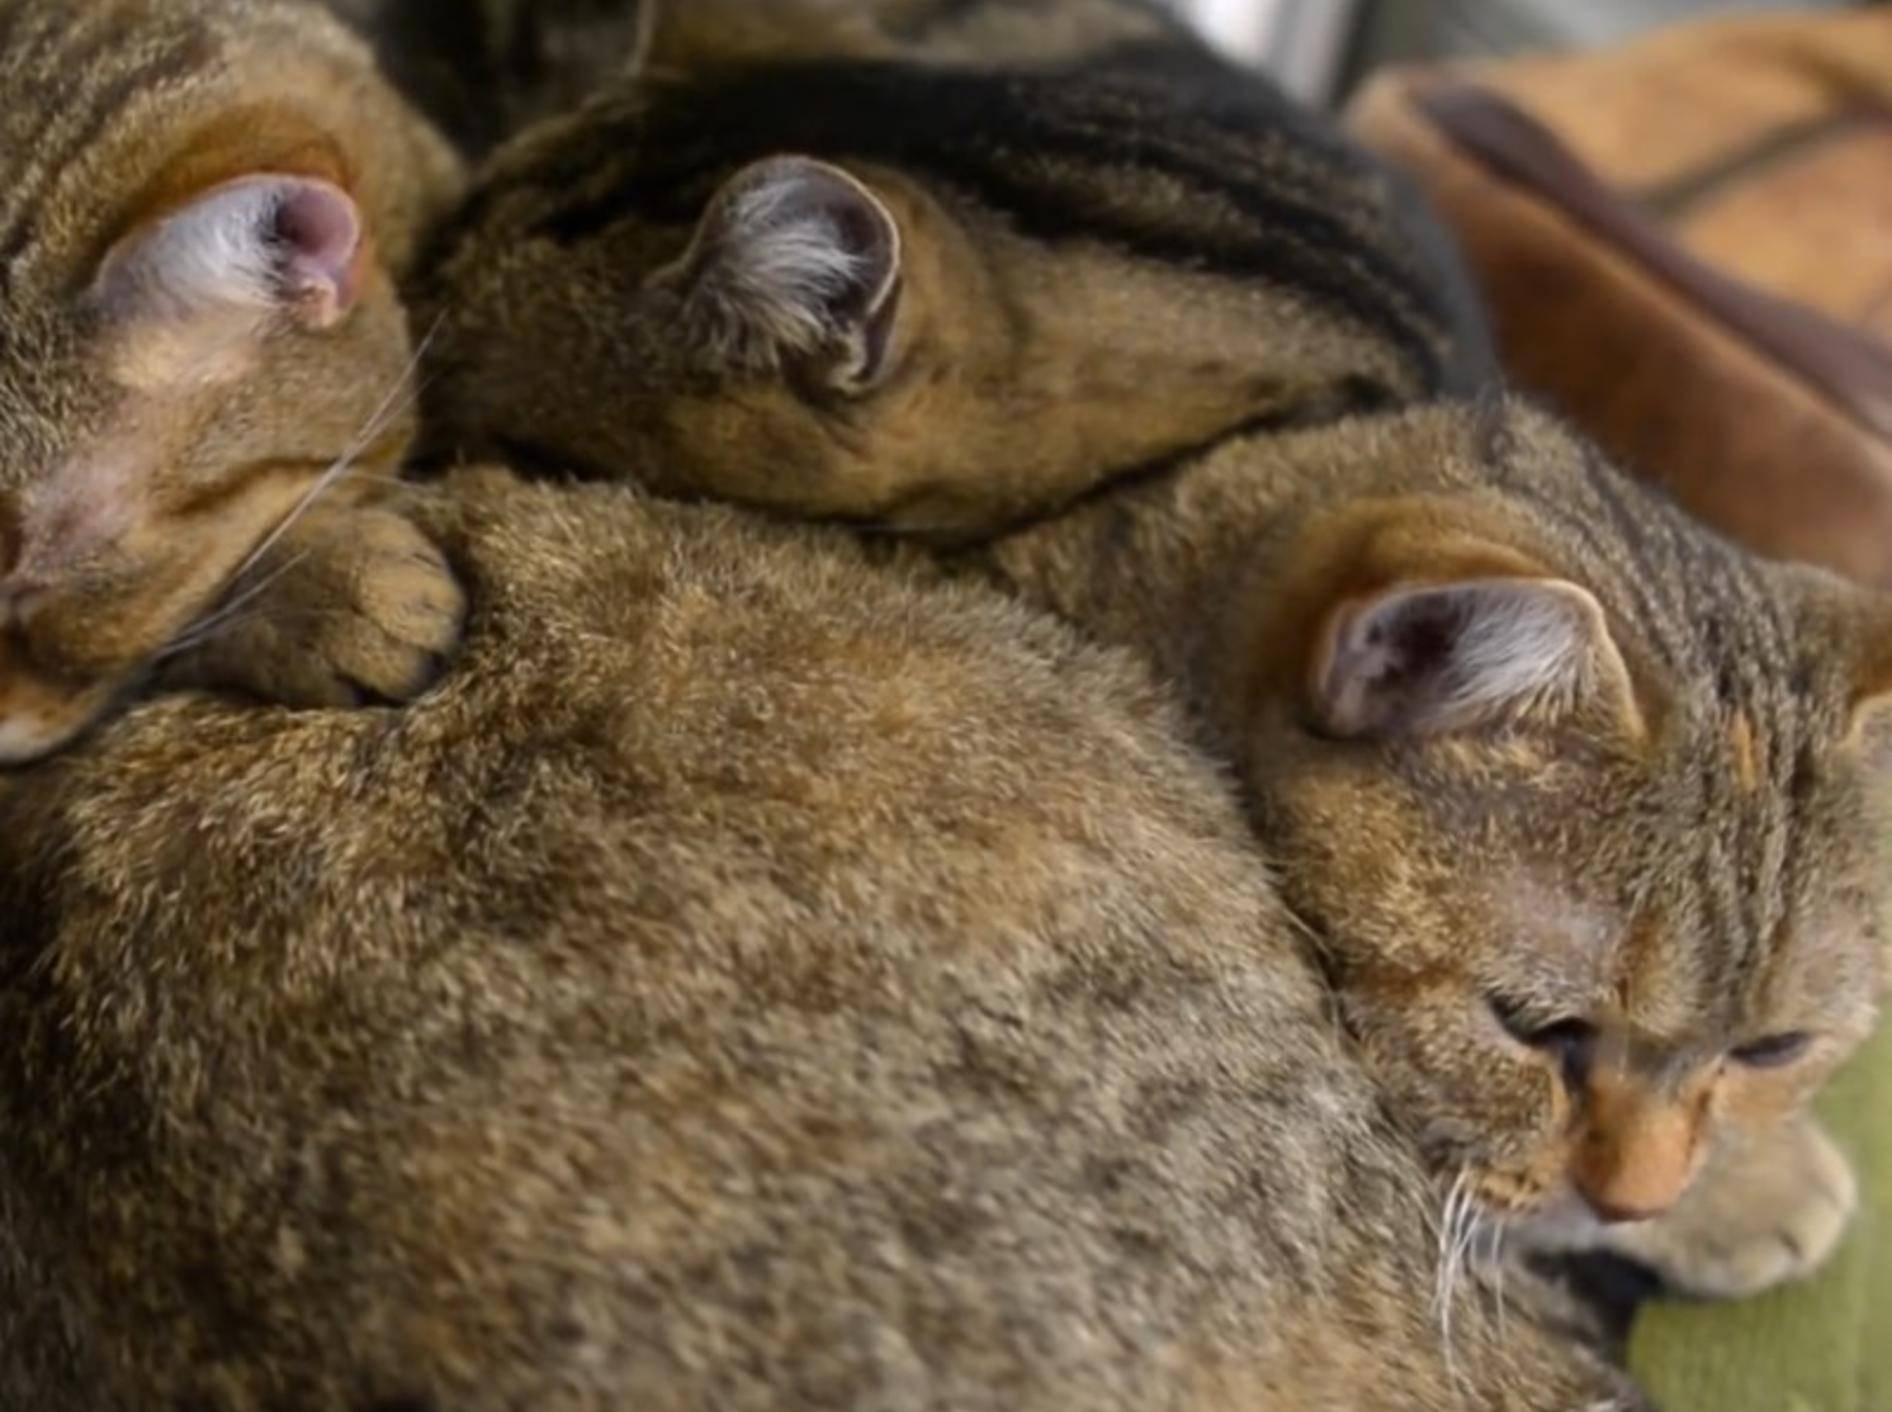 Kuschlige Dreisamkeit: Musahshi, Michelle und May lassen es sich gut gehen – YouTube/10 Cats.+